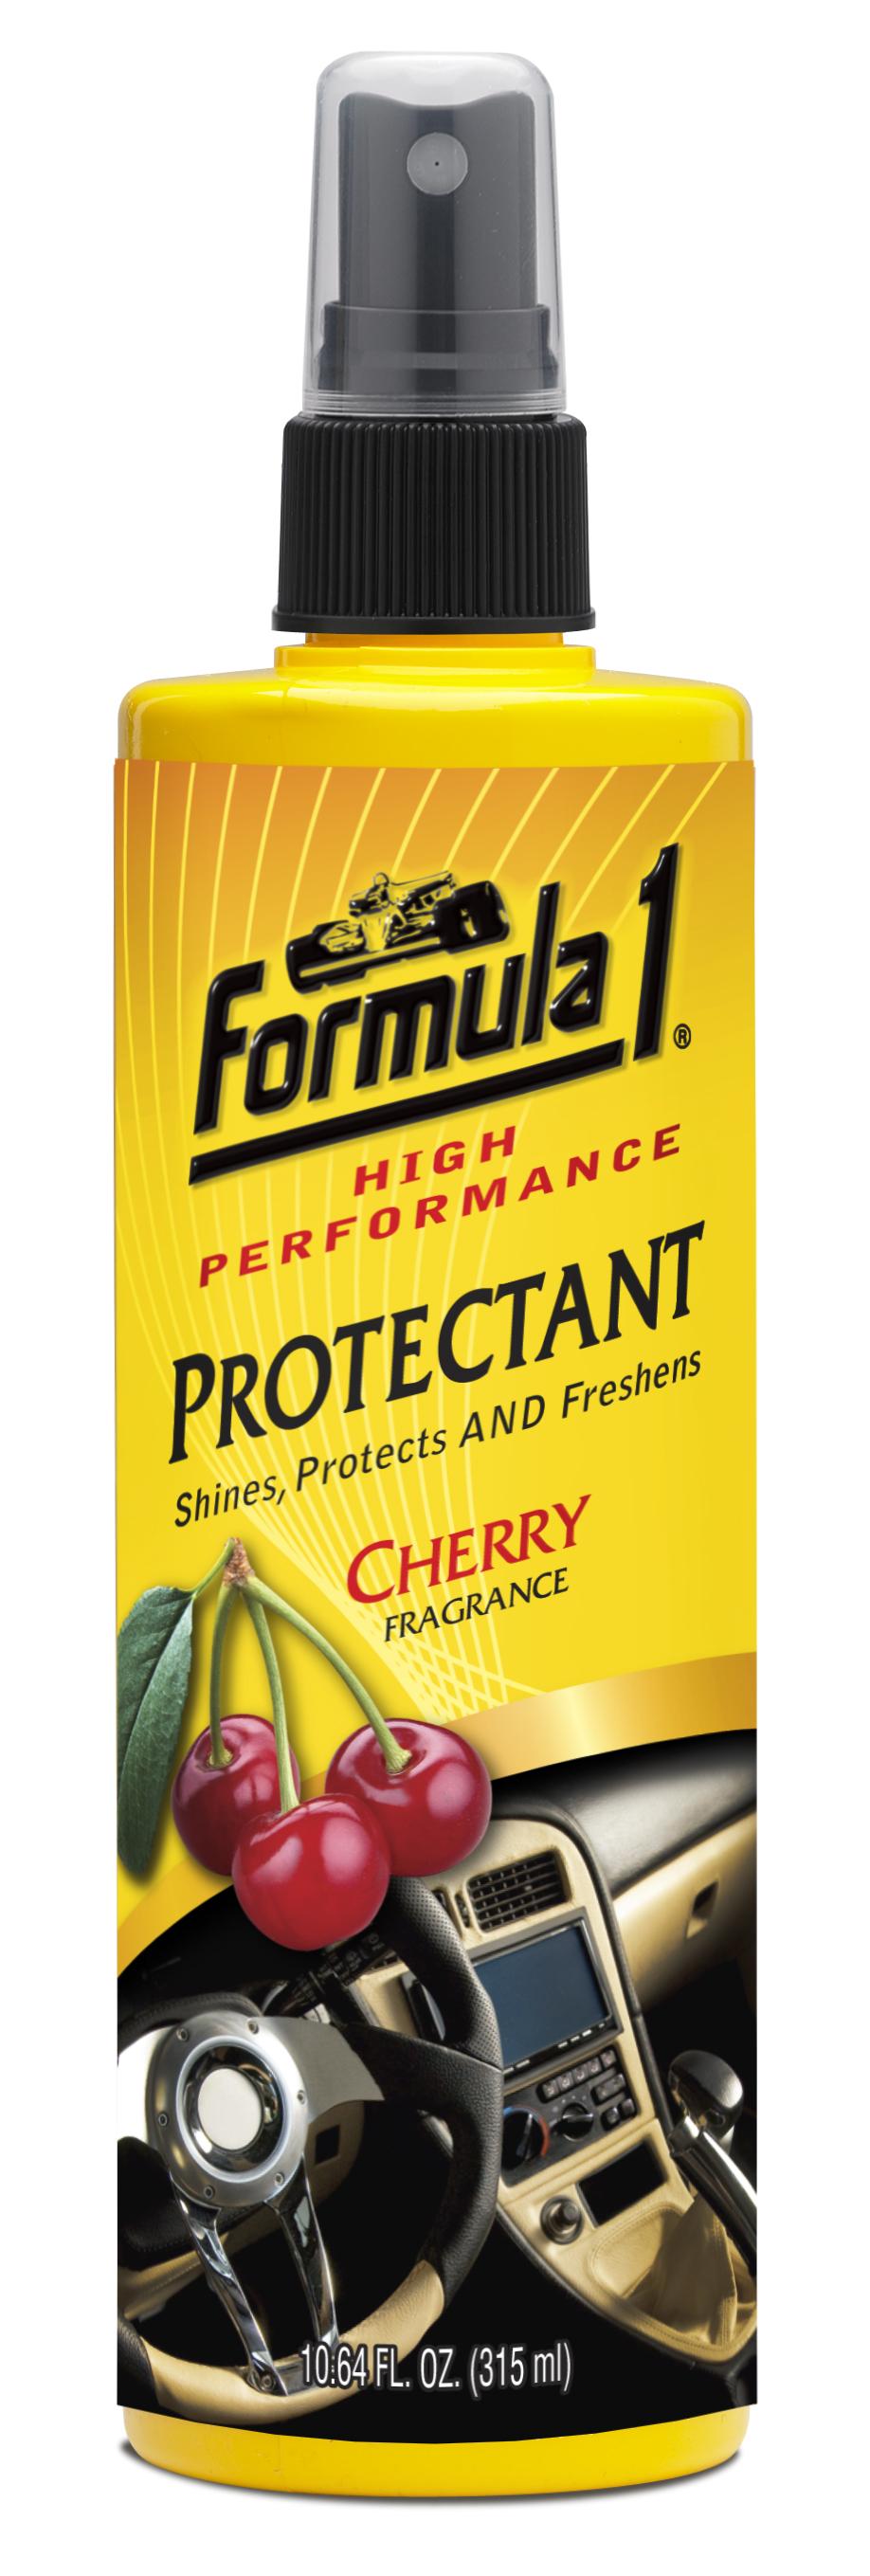 Спрей за табло череша 314 ml FORMULA 1